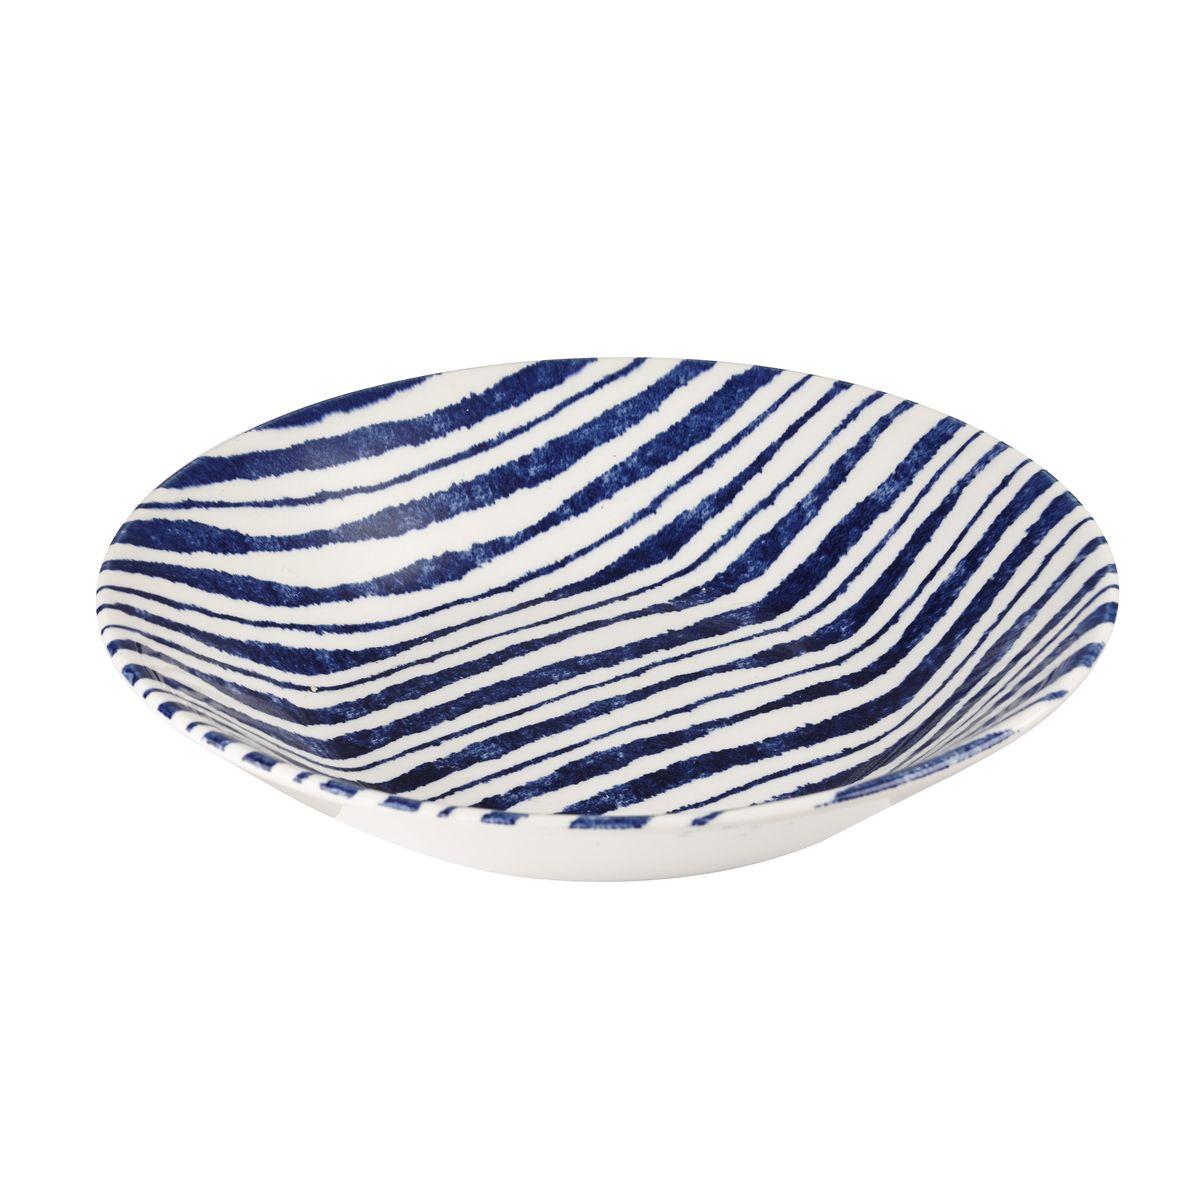 Тарелка суповая Churchill Инки, диаметр 20 смINKI00031Суповая тарелка Churchill Инки выполнена из высококачественного фаянса. Изделие сочетает в себе изысканный дизайн с максимальной функциональностью. Тарелка прекрасно впишется в интерьер вашей кухни и станет достойным дополнением к кухонному инвентарю. Суповая тарелка Churchill Инки подчеркнет прекрасный вкус хозяйки и станет отличным подарком. Можно мыть в посудомоечной машине и использовать в микроволновой печи. Диаметр тарелки (по верхнему краю): 20 см.